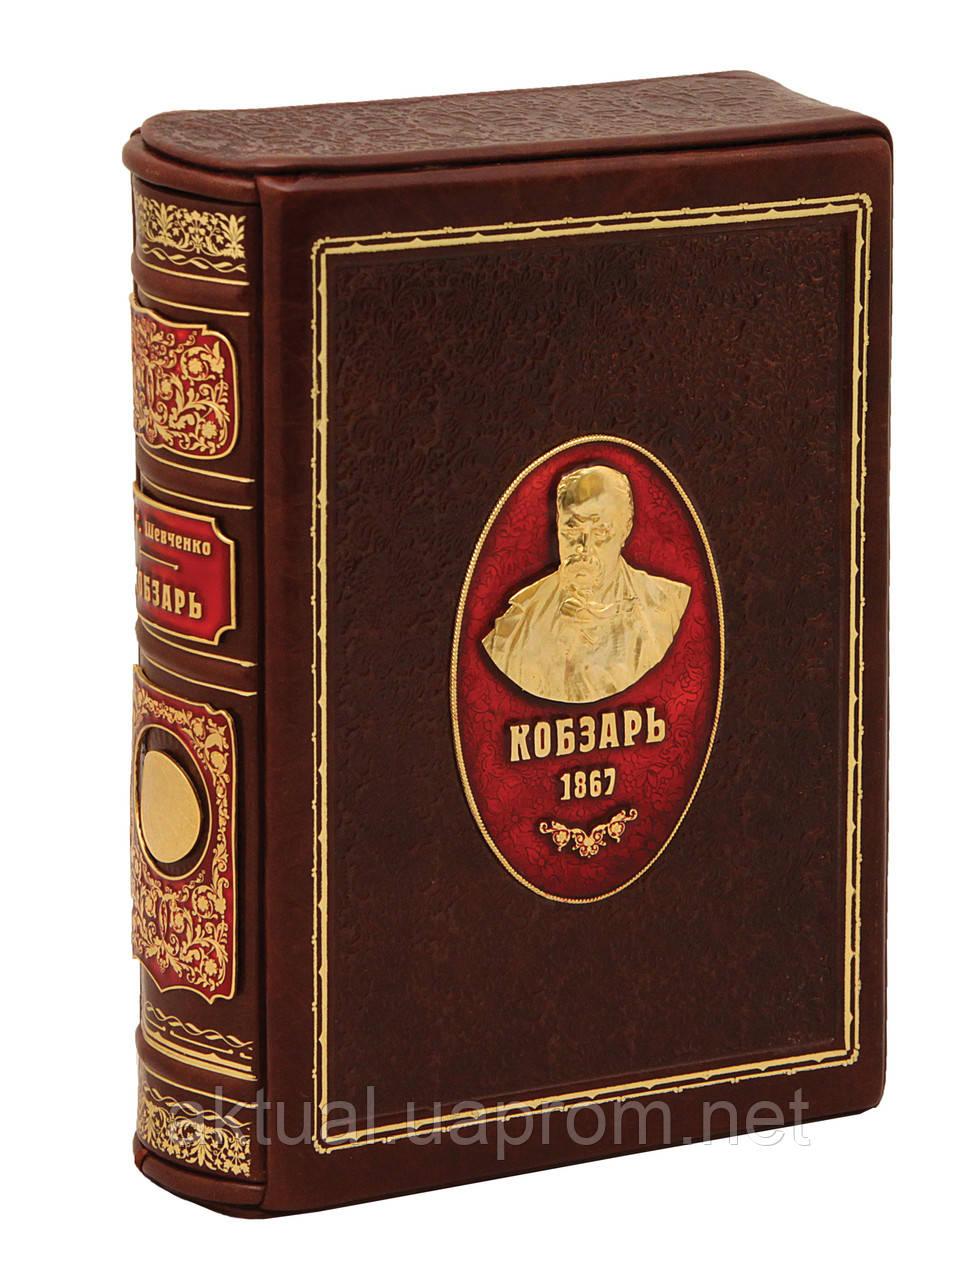 Книга в подарочном оформлении Кобзарь Т. Г. Шевченко